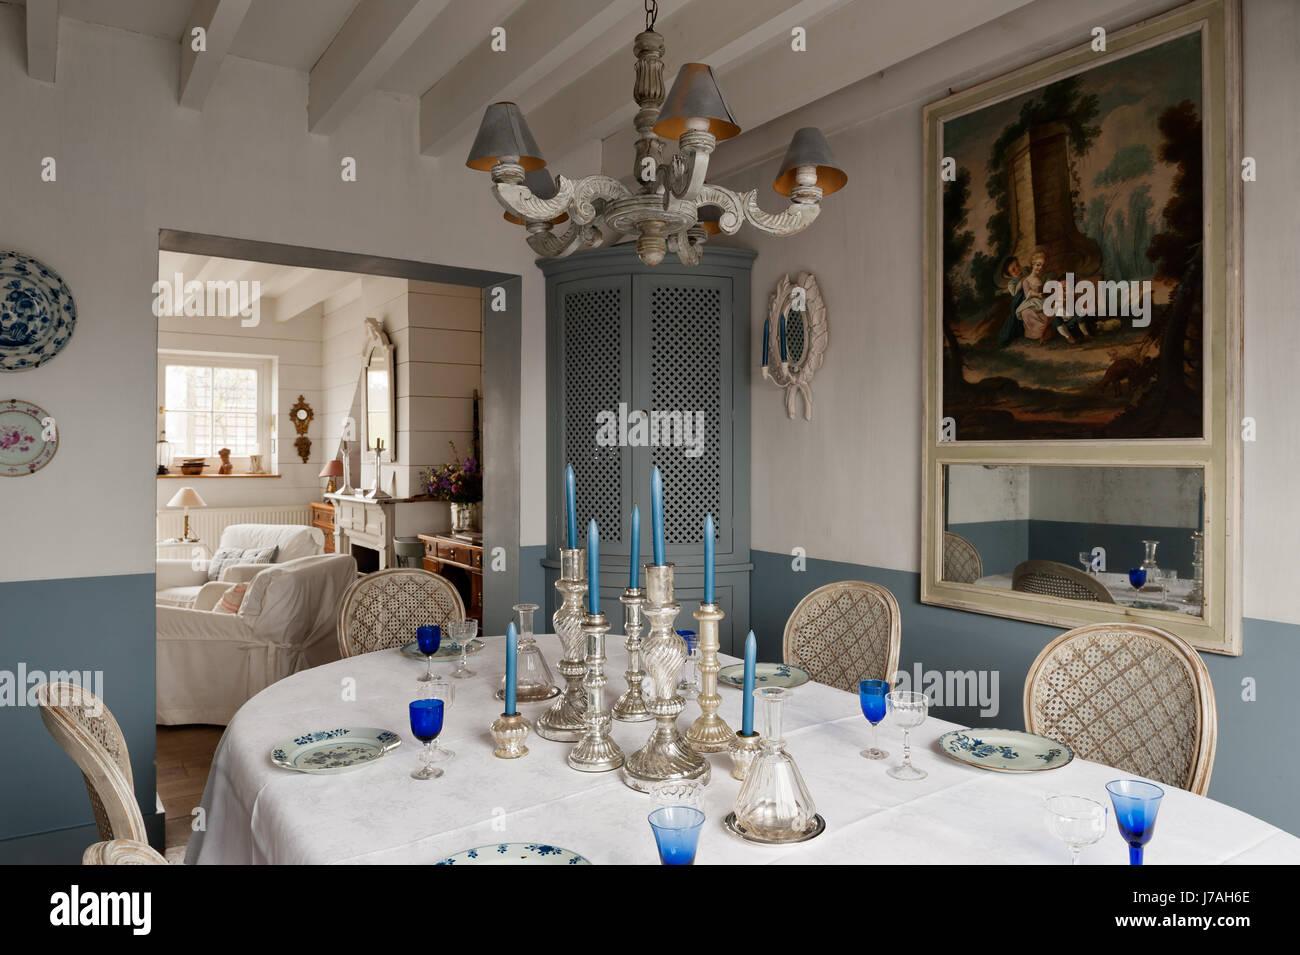 Tavolo Da Pranzo In Francese : Argenteria candelieri sul tavolo da pranzo con angolo armadio e